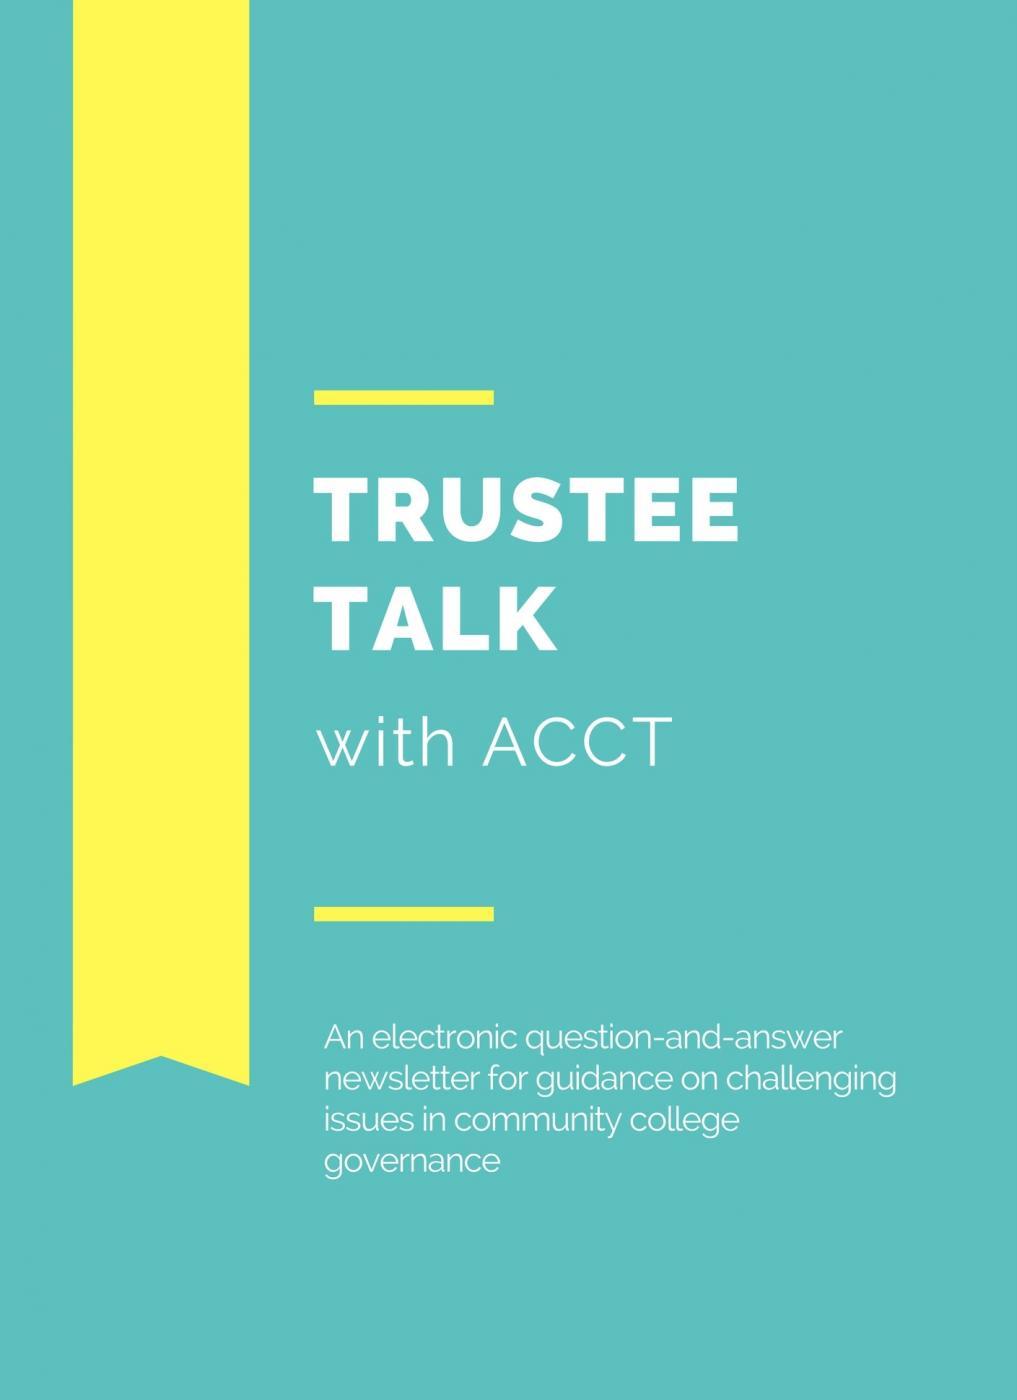 trustee talk